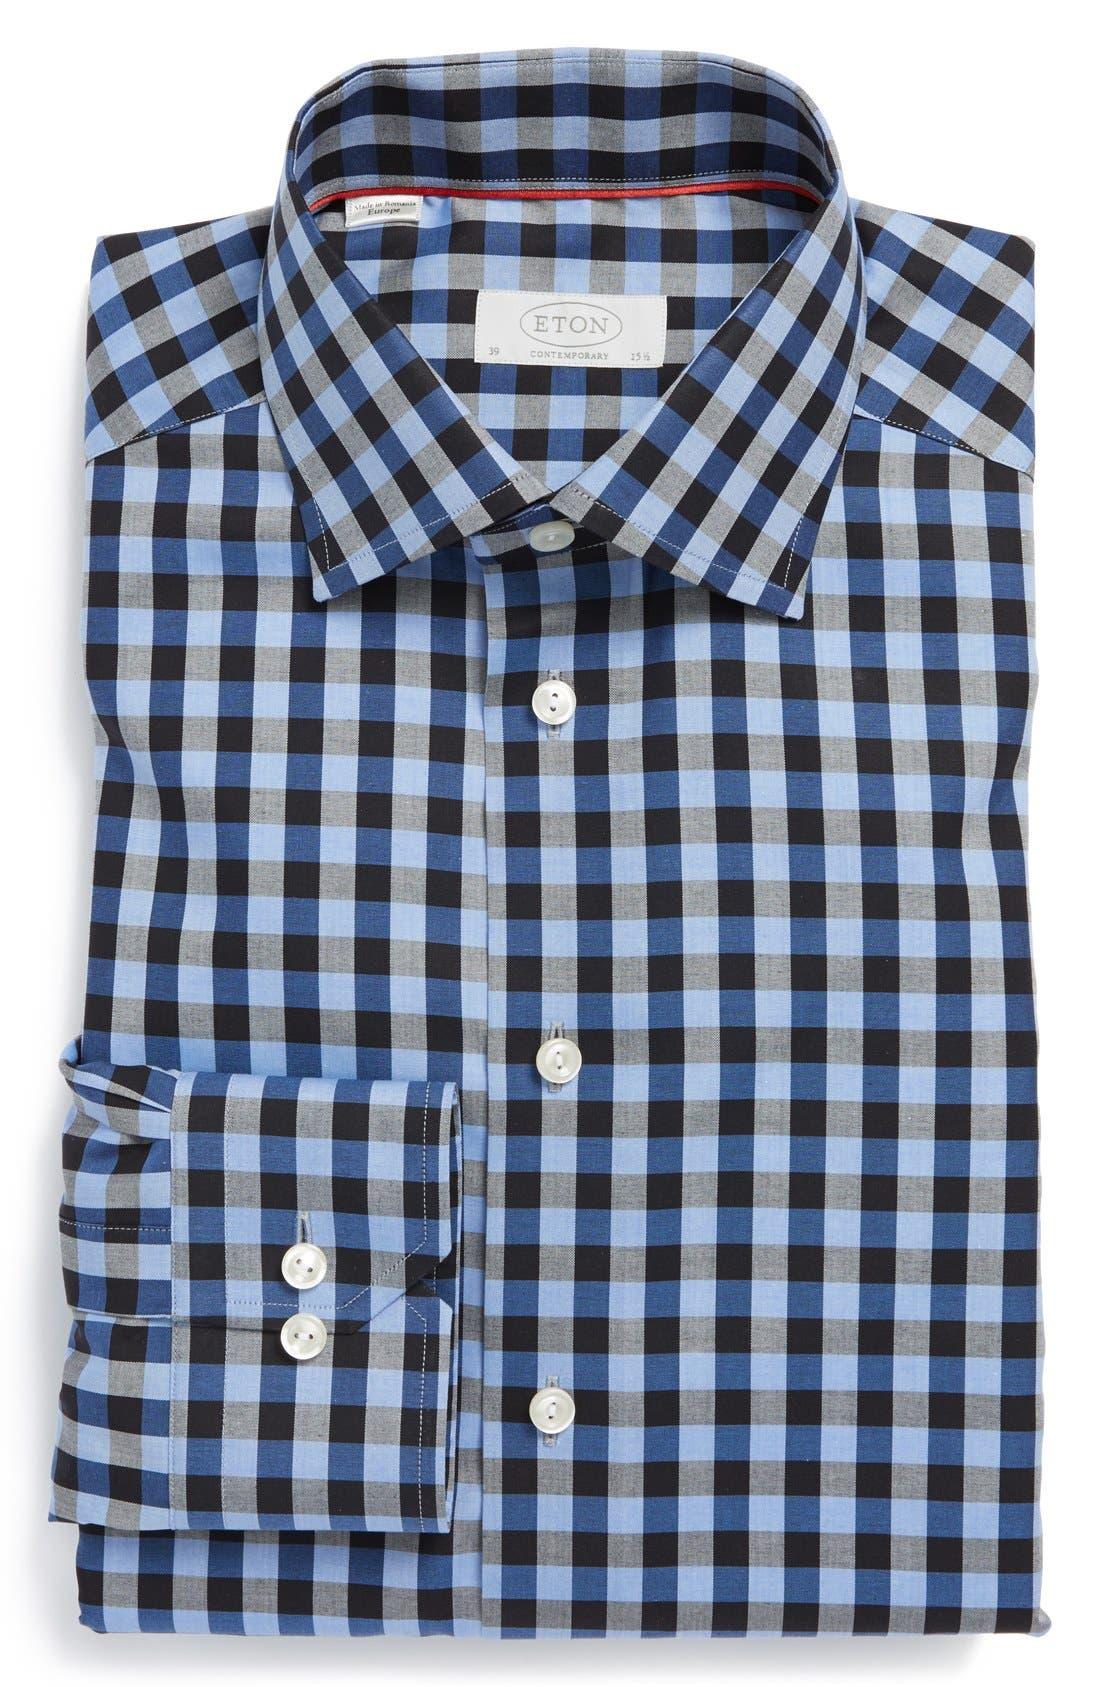 Main Image - Eton Contemporary Check Dress Shirt